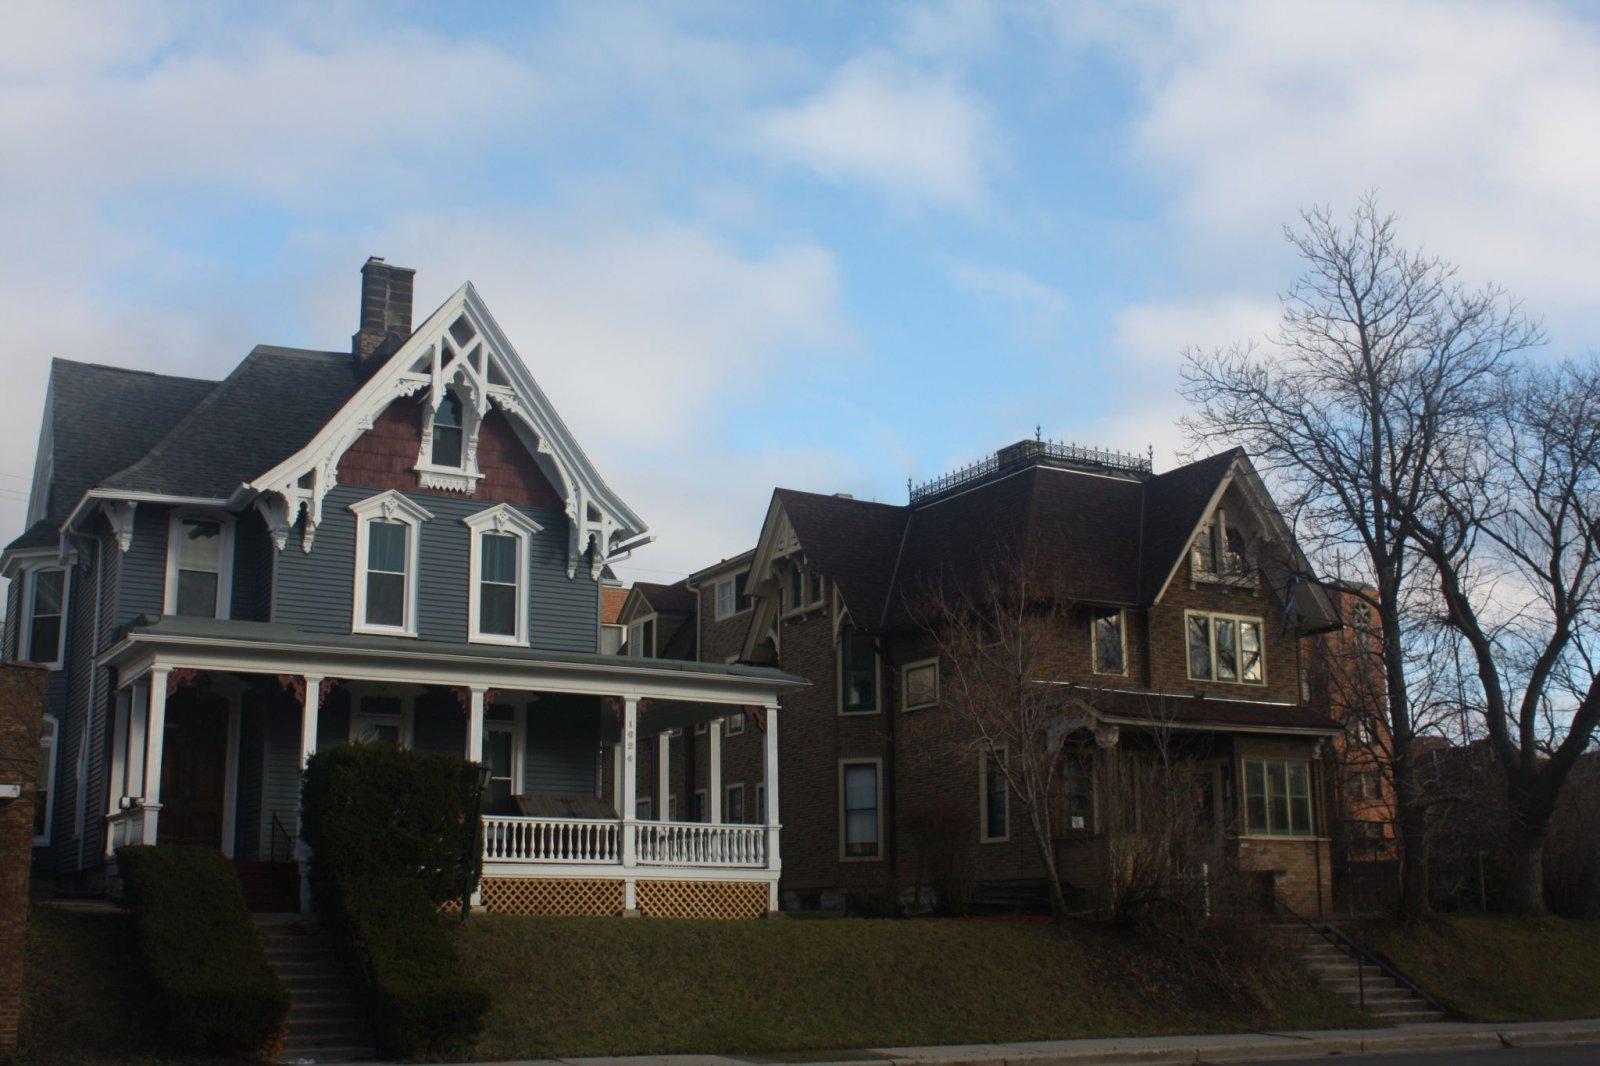 Residences on N. Van Buren